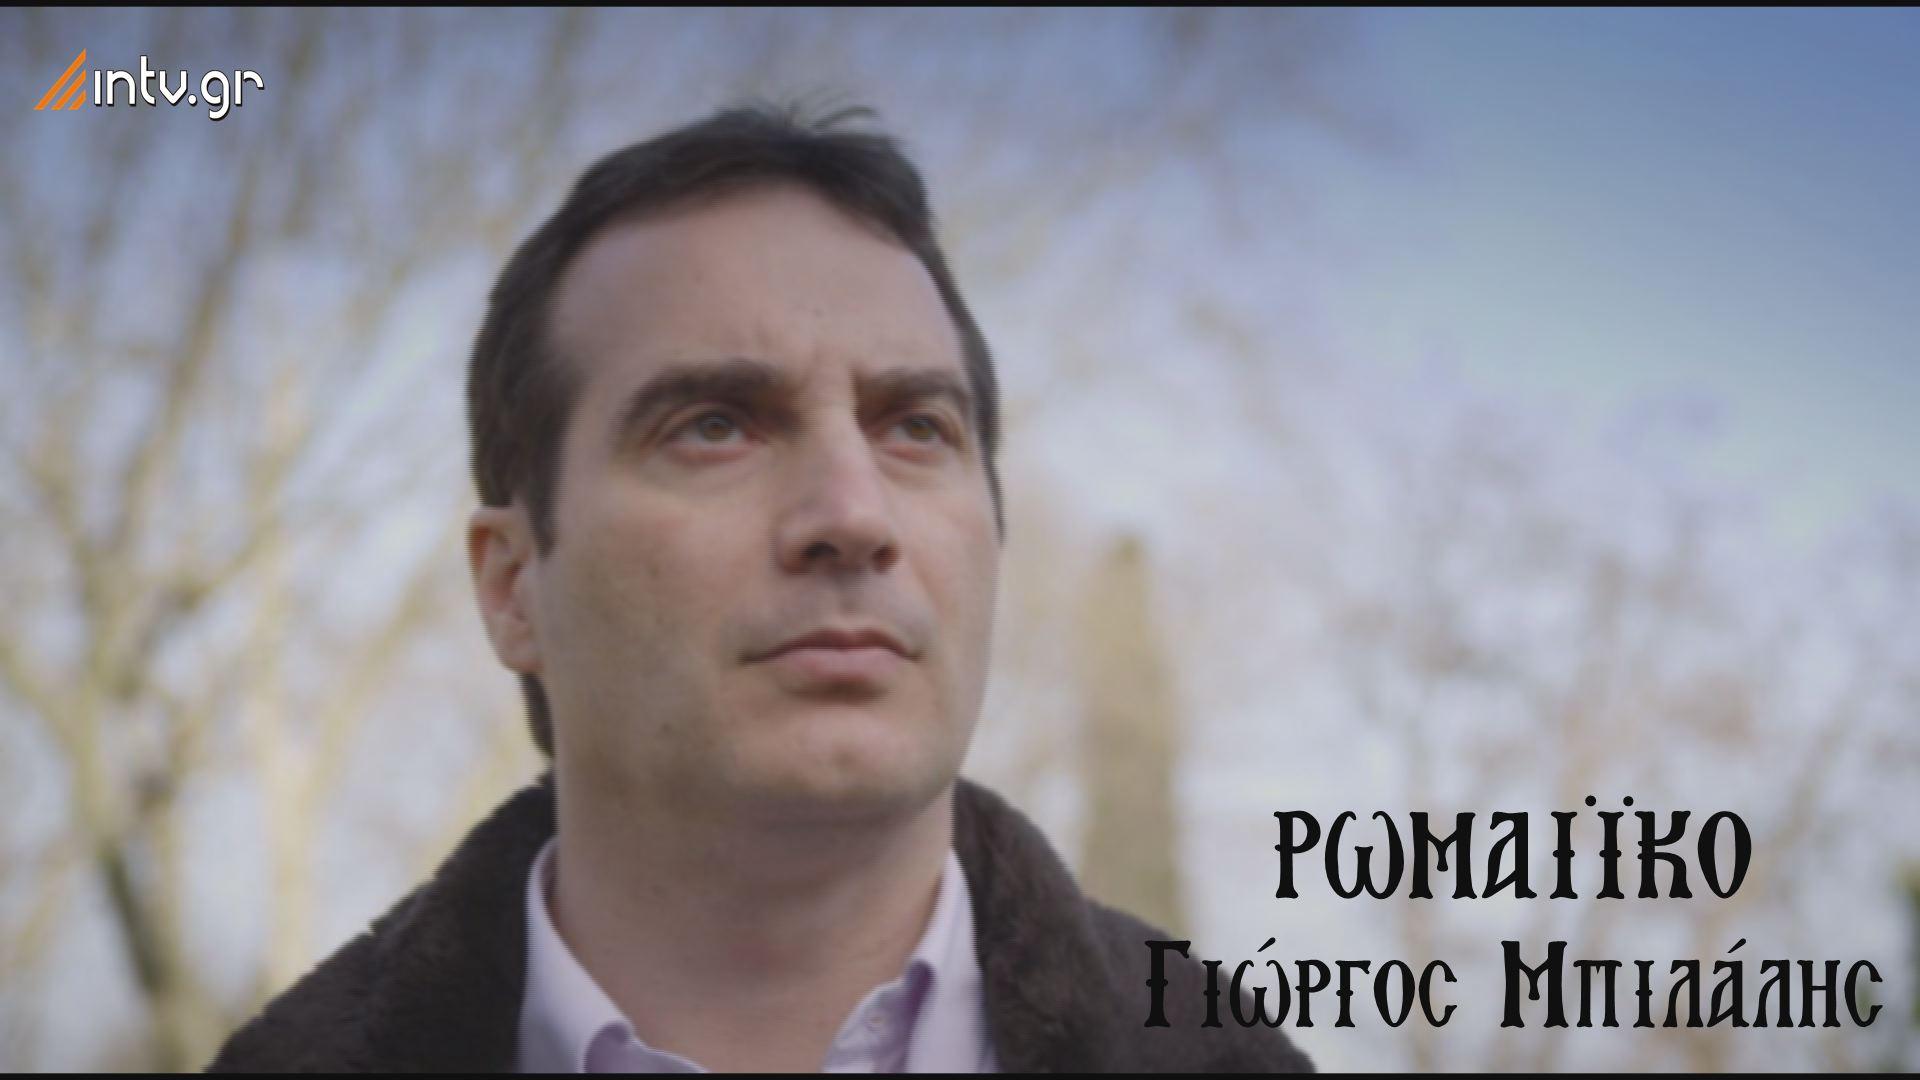 Ρωμέϊκο - Γιώργος Μπιλάλης